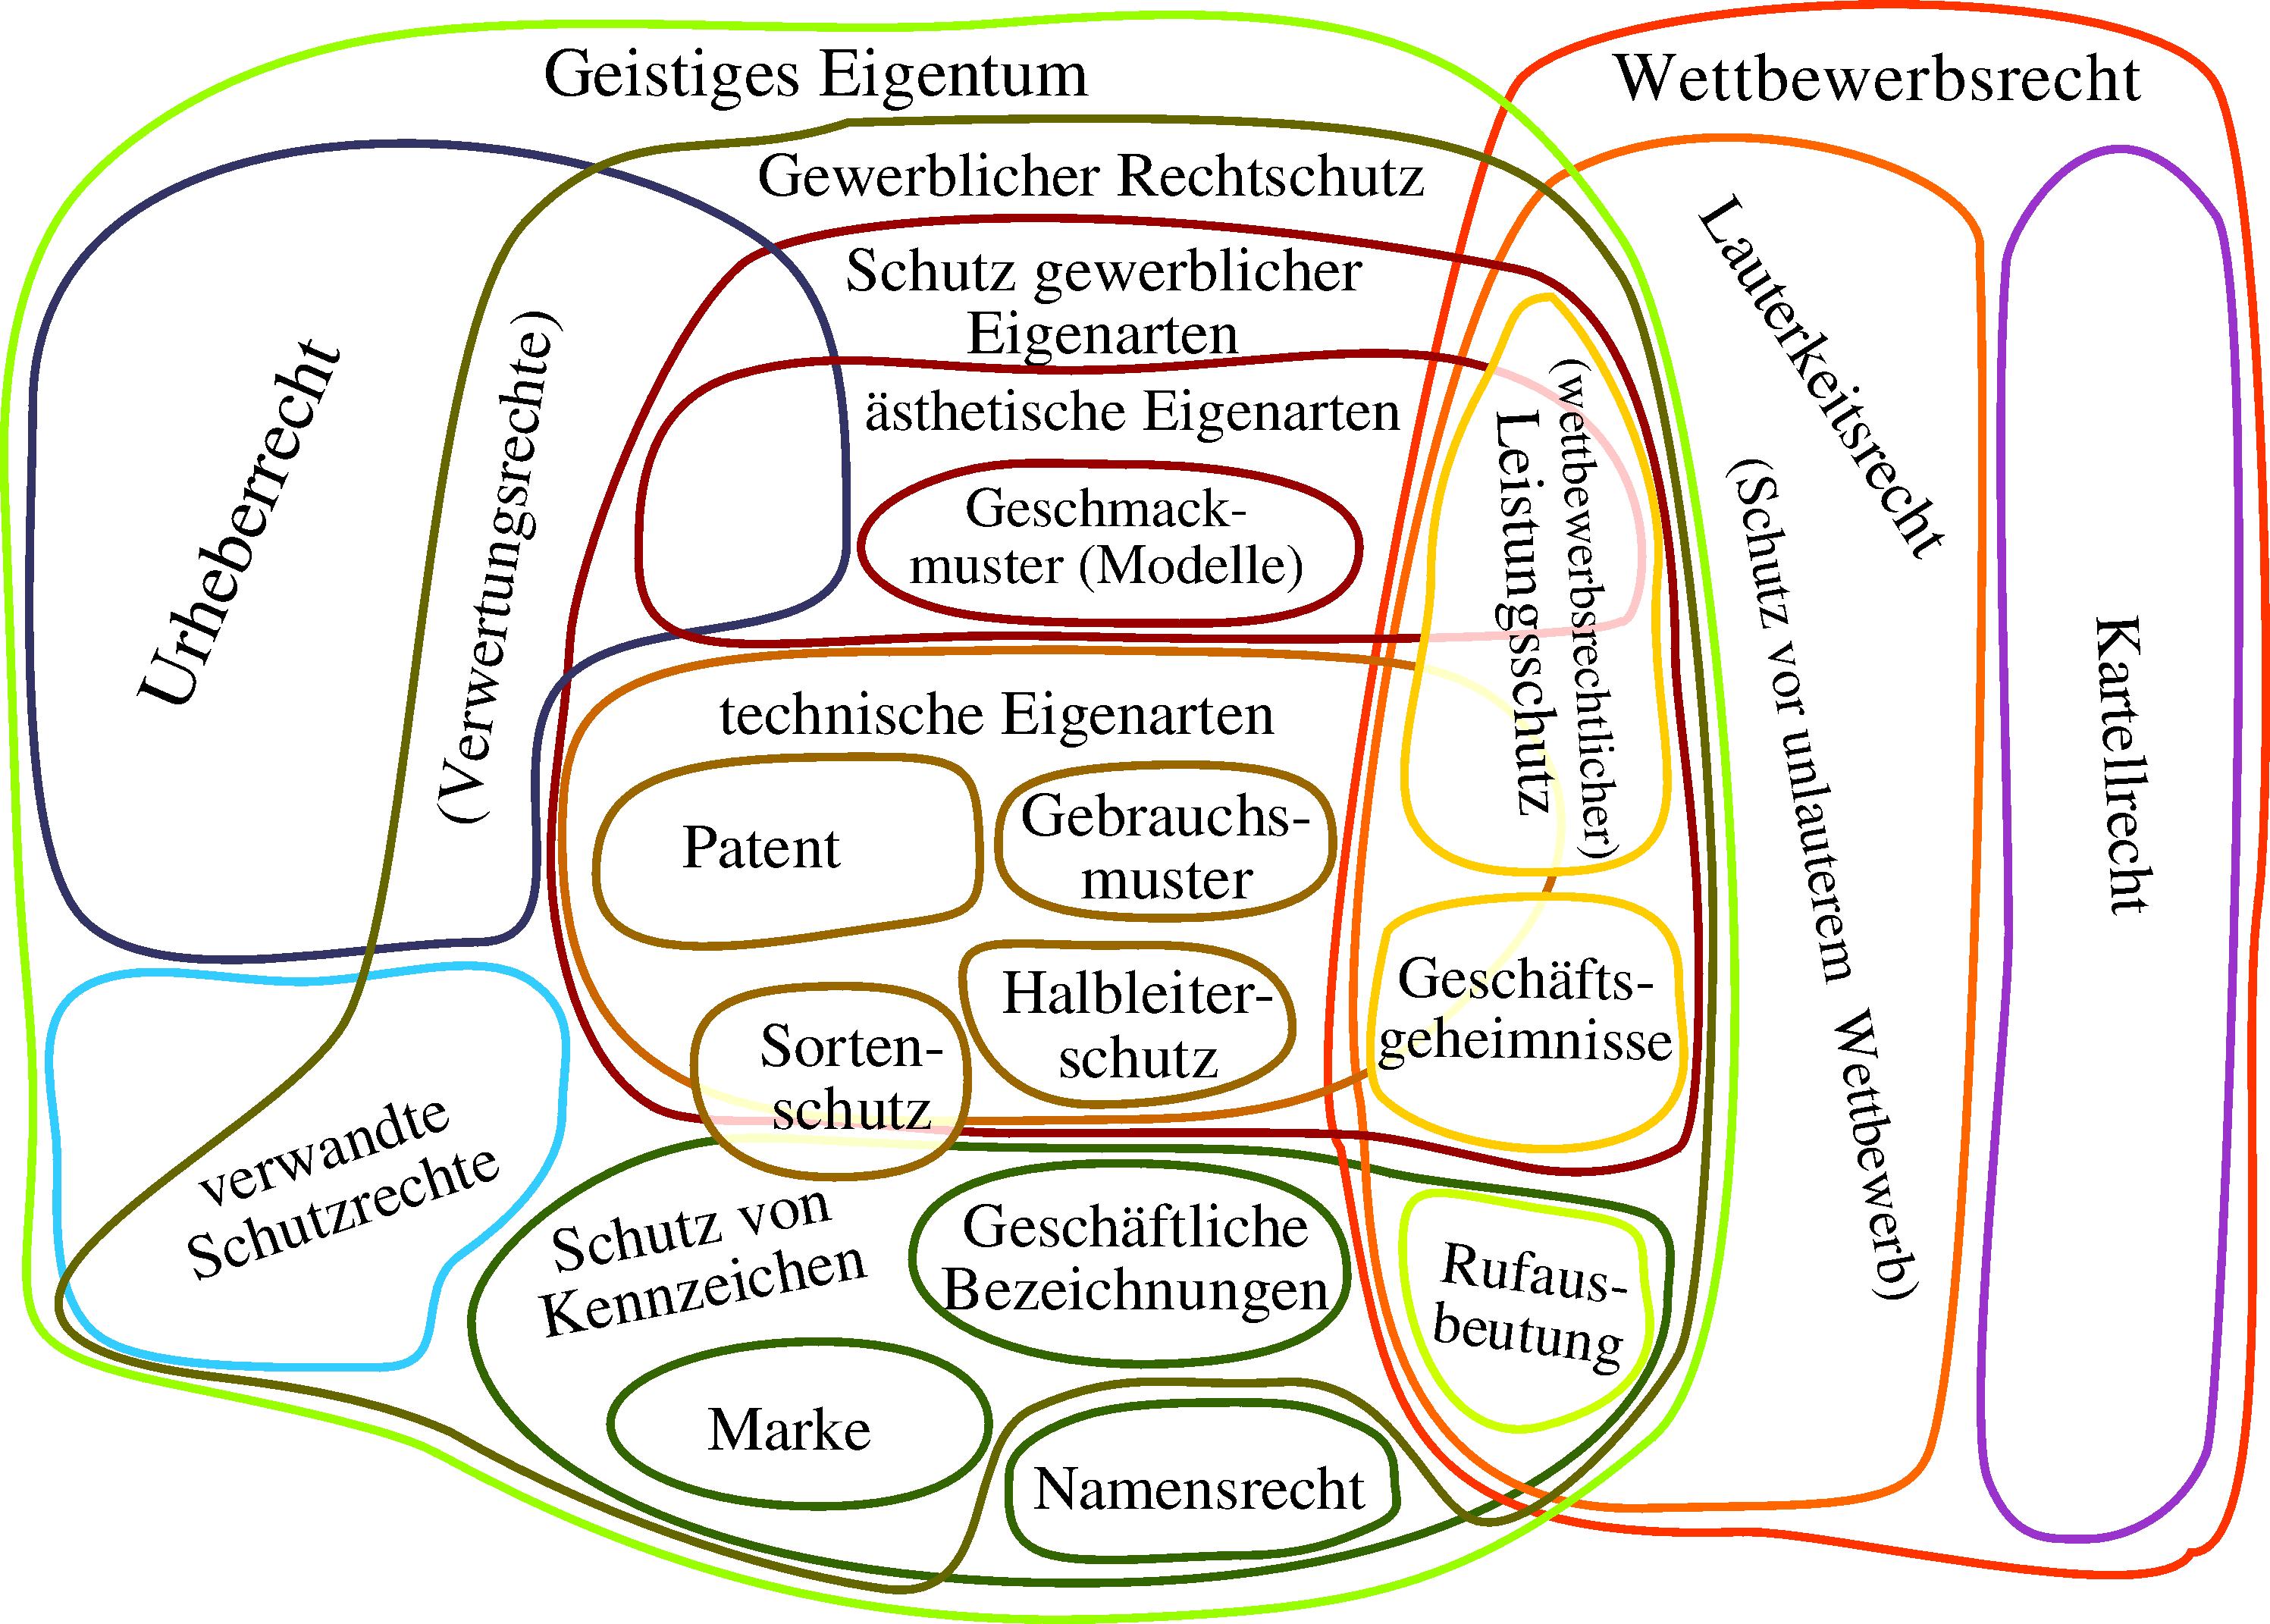 Geistiges_Eigentum_und_Wettbewerbsrecht